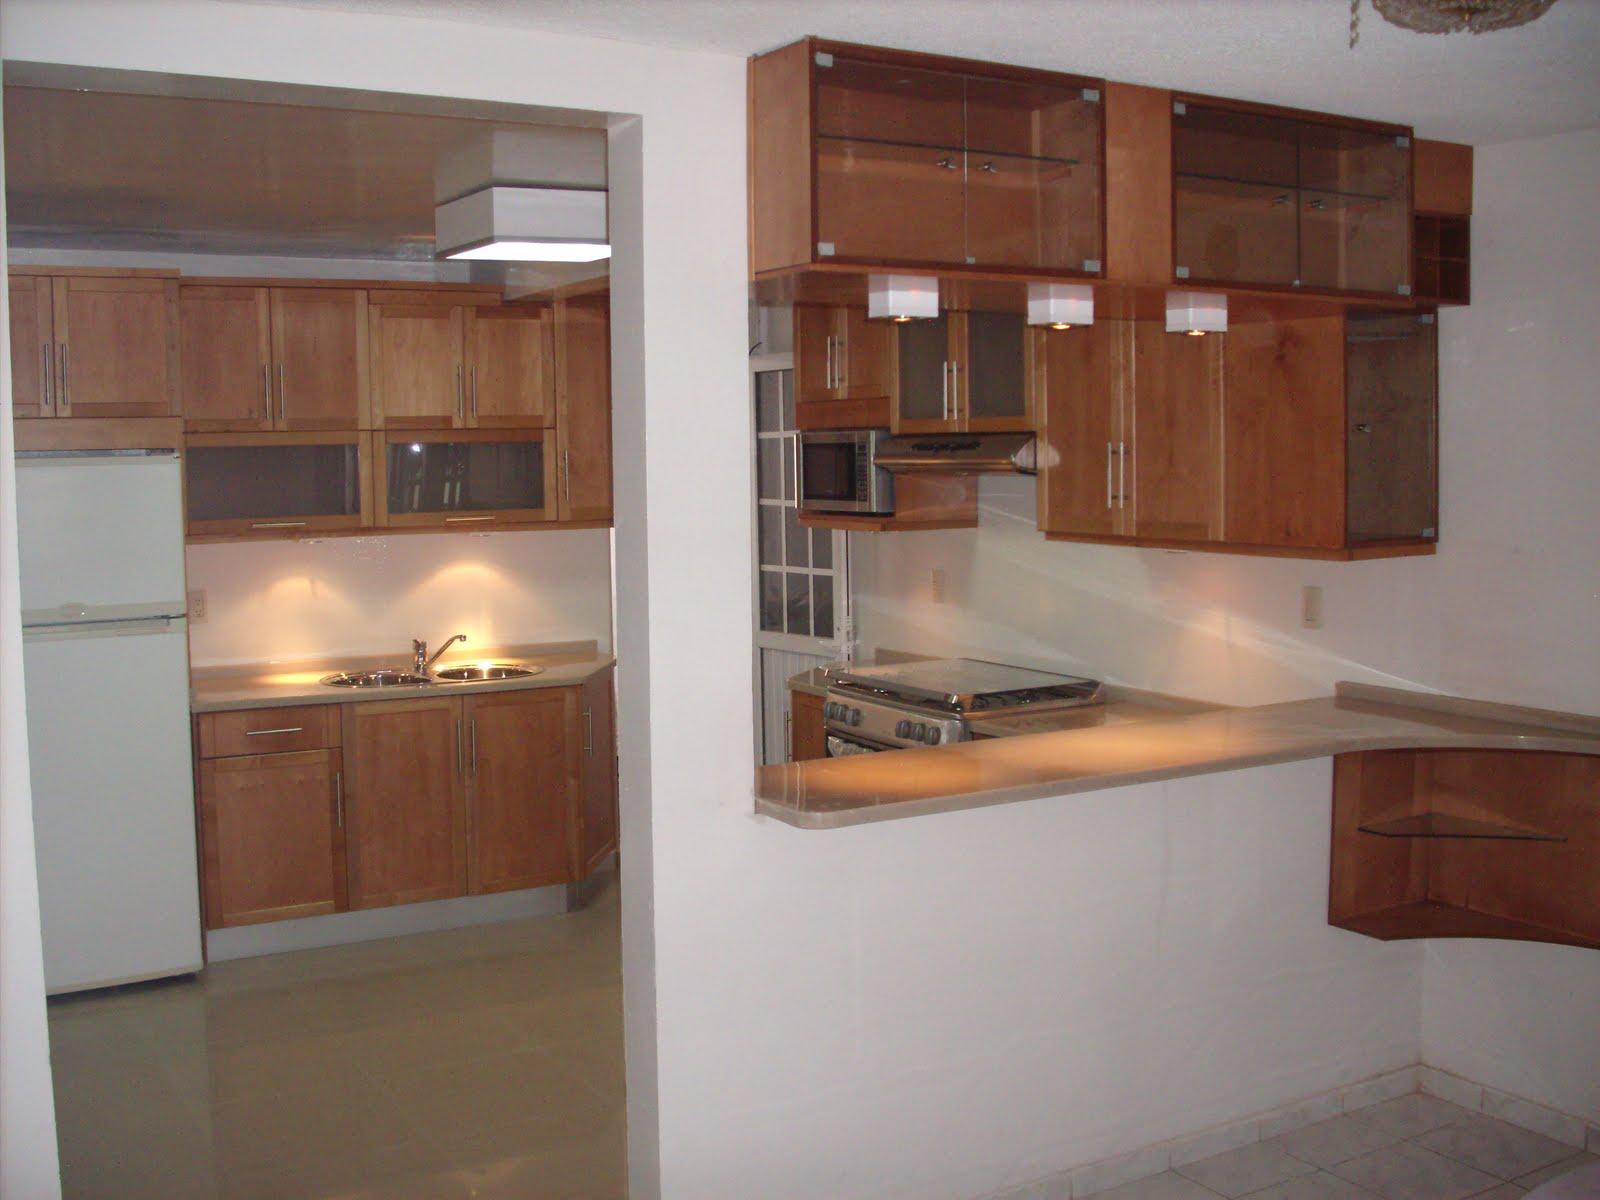 Heynez cocinas modernas cocina en maple solido natural for Cocinas de madera modernas 2016